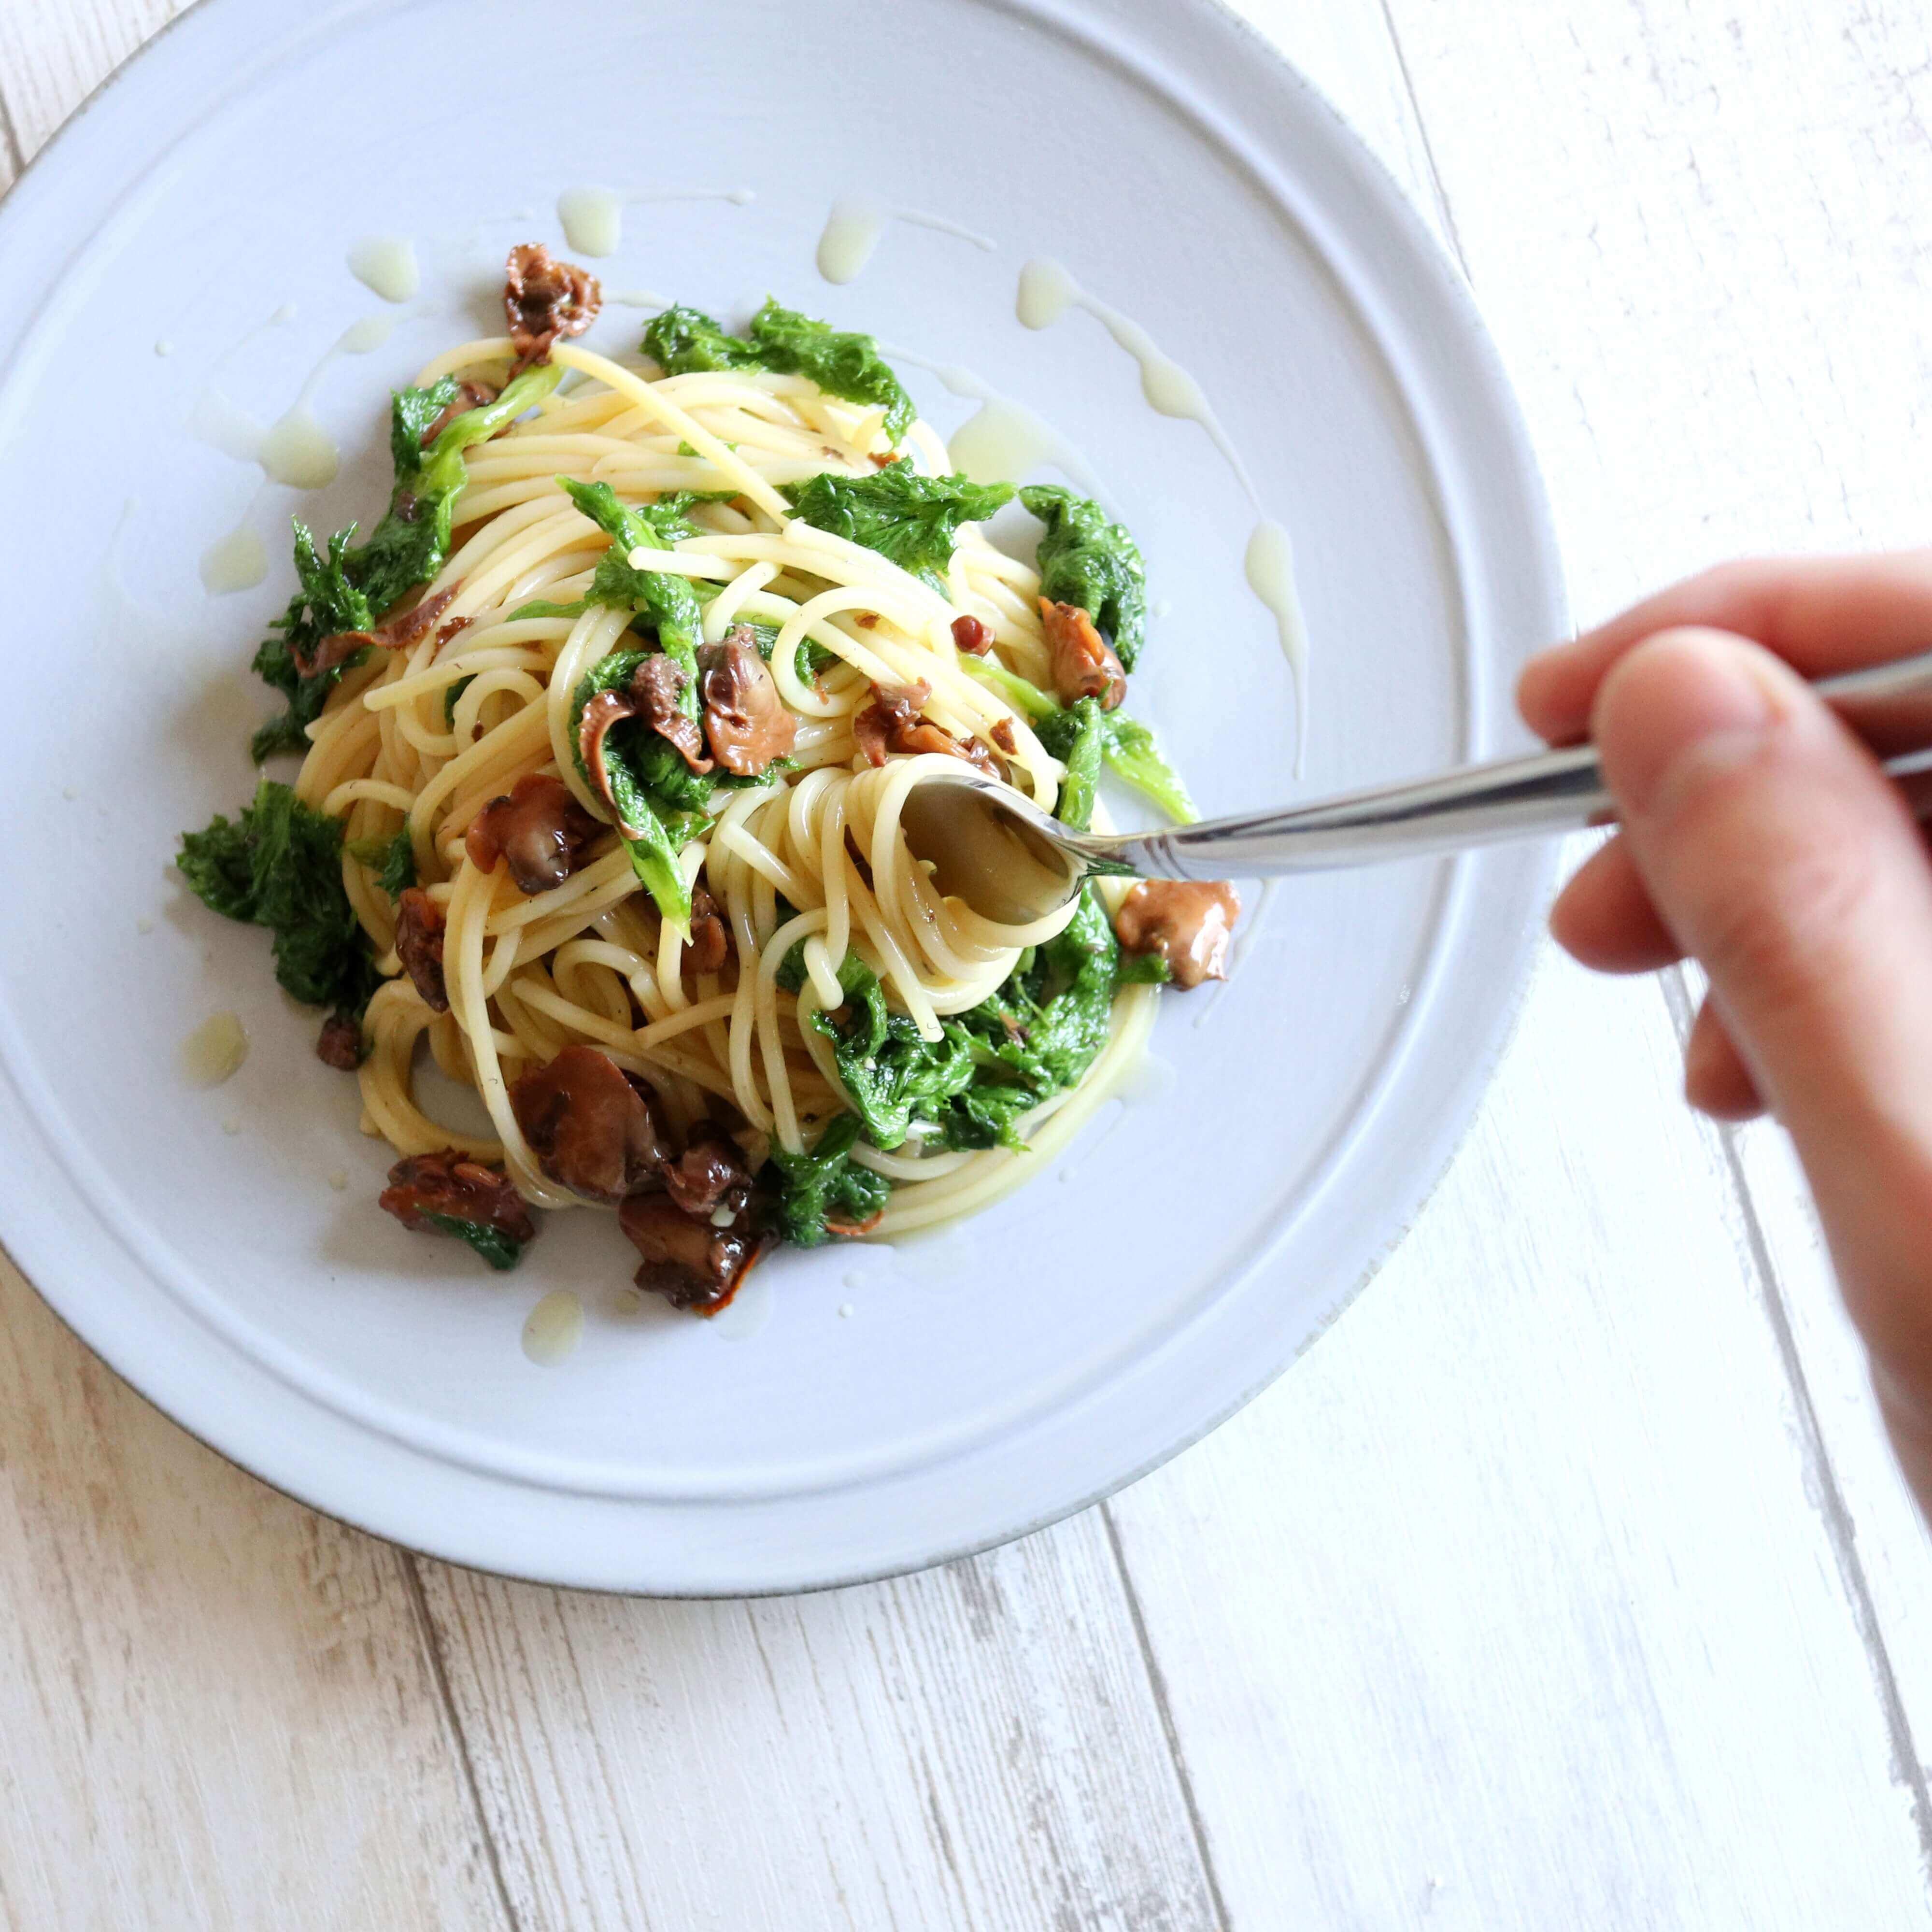 【絶品】赤貝とわさび菜の和風パスタのレシピ